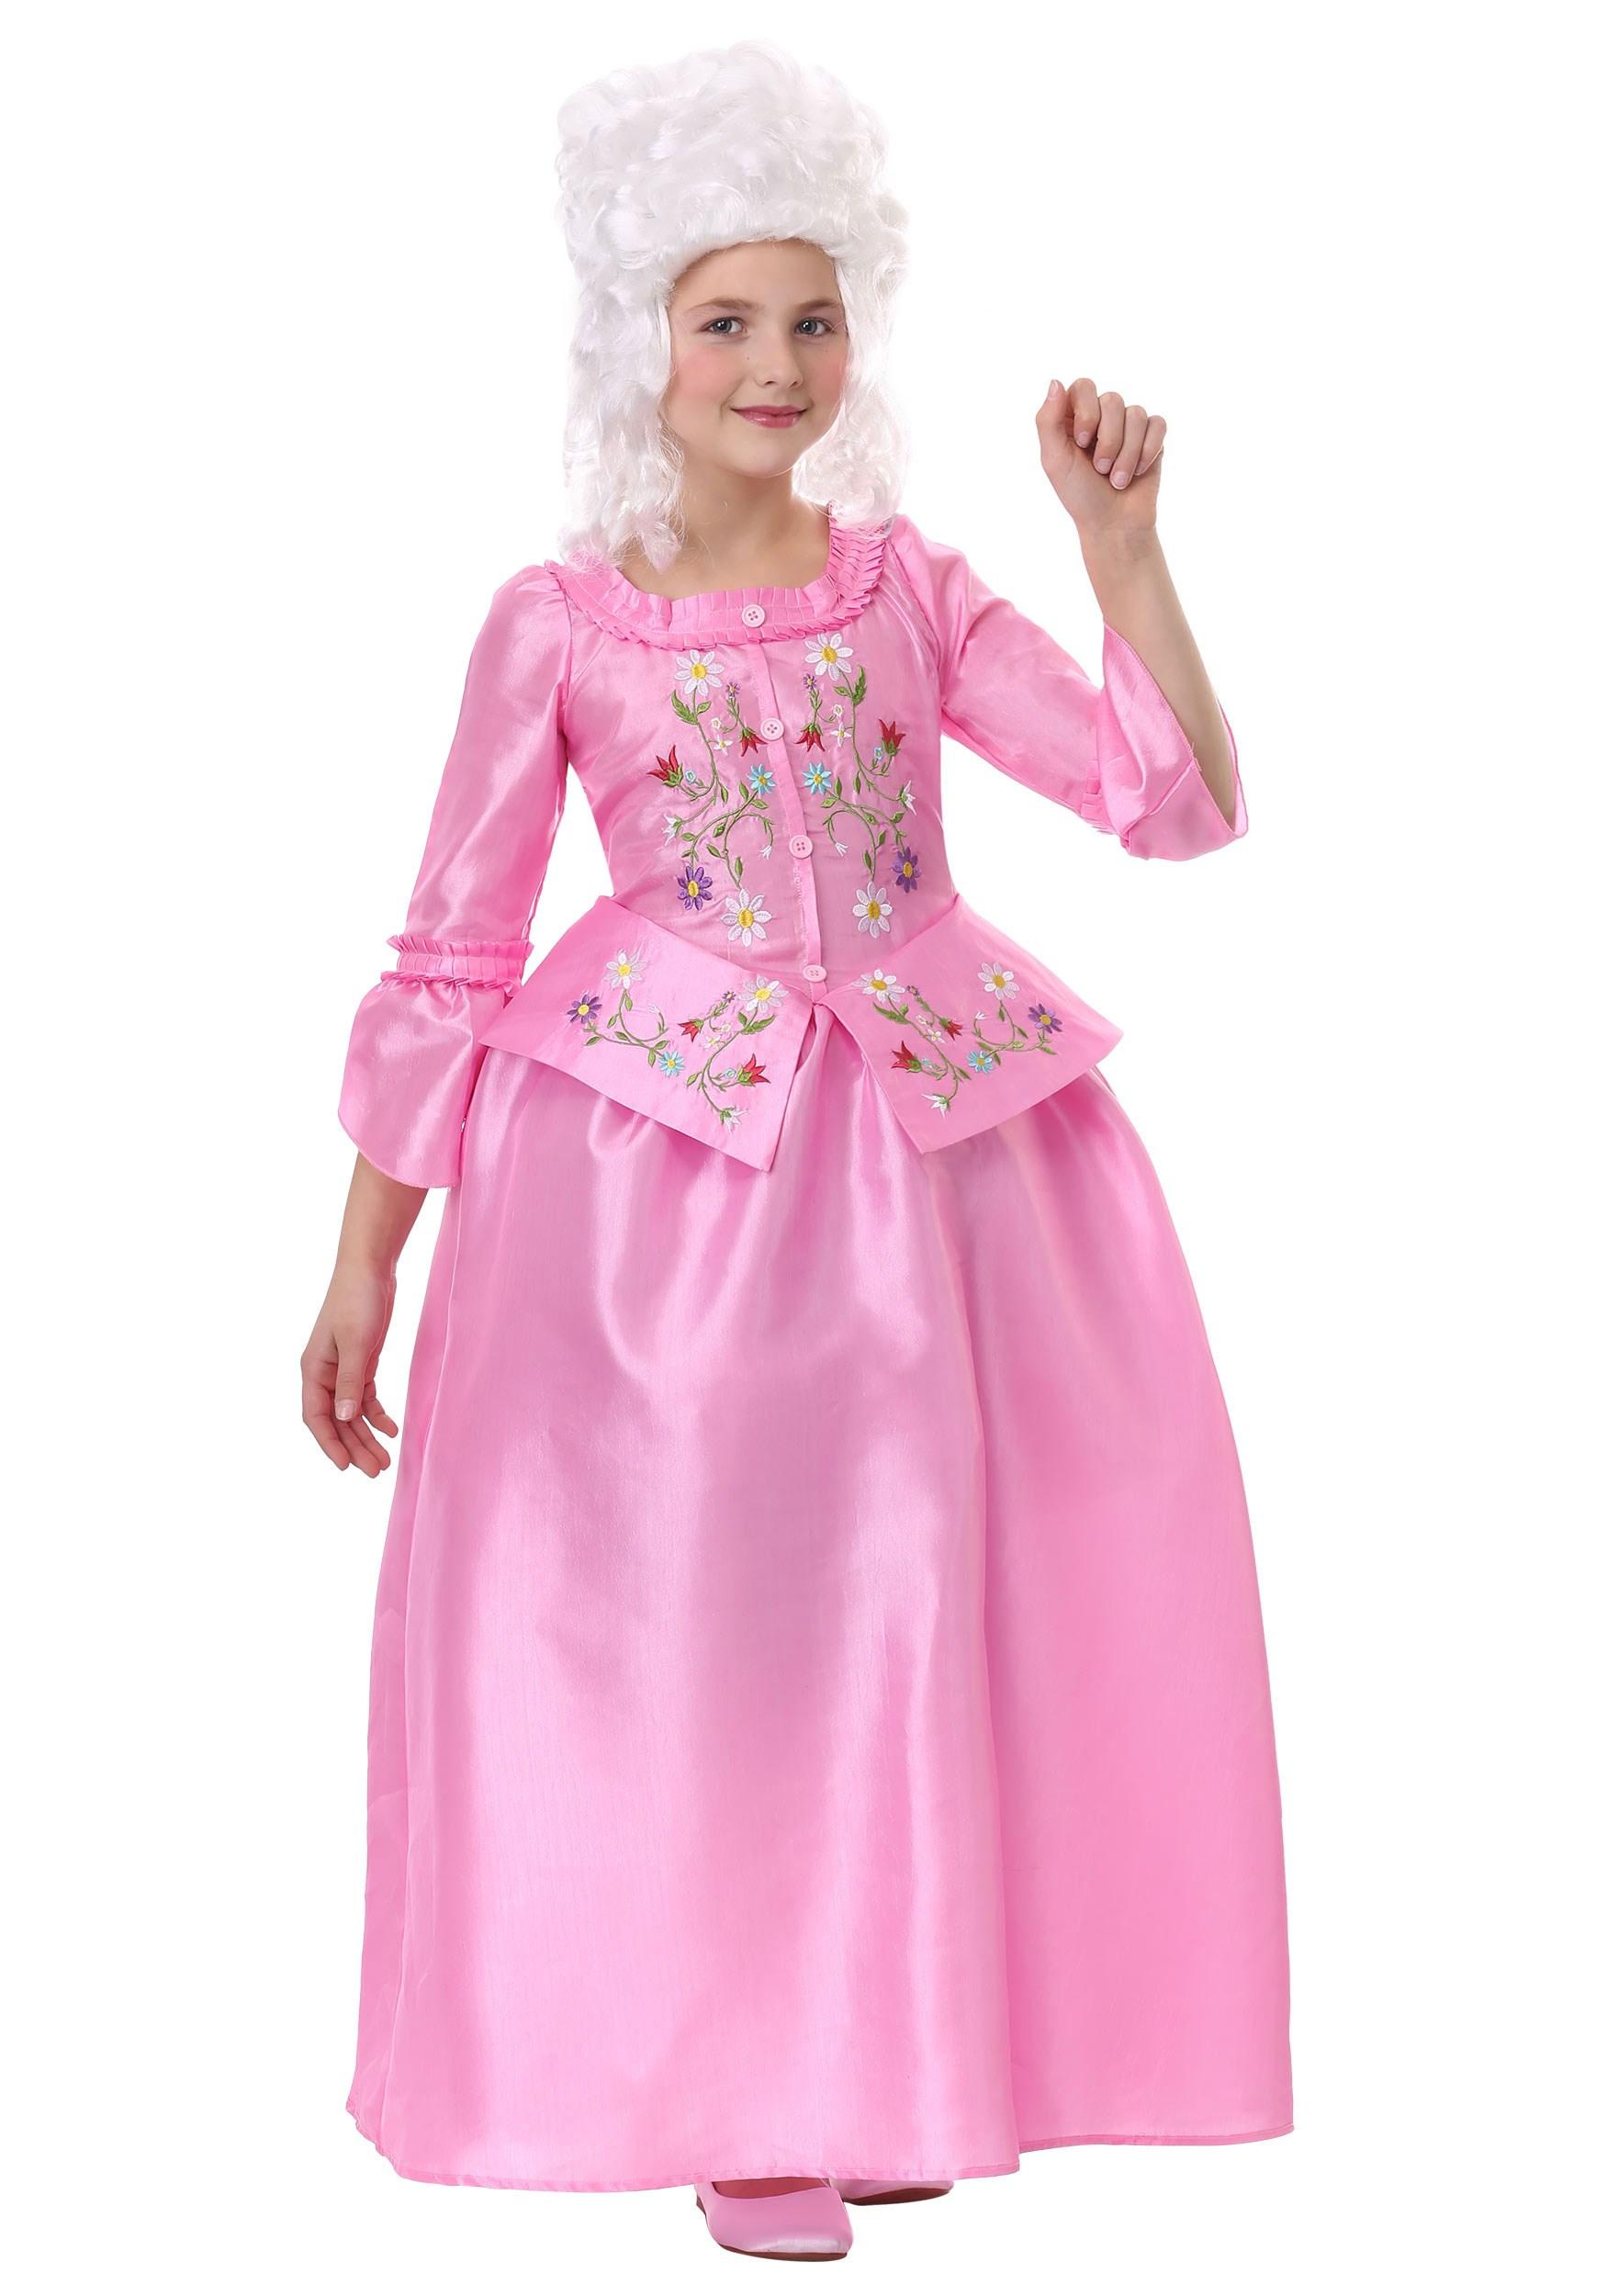 Marie Antoinette Costume for Girls